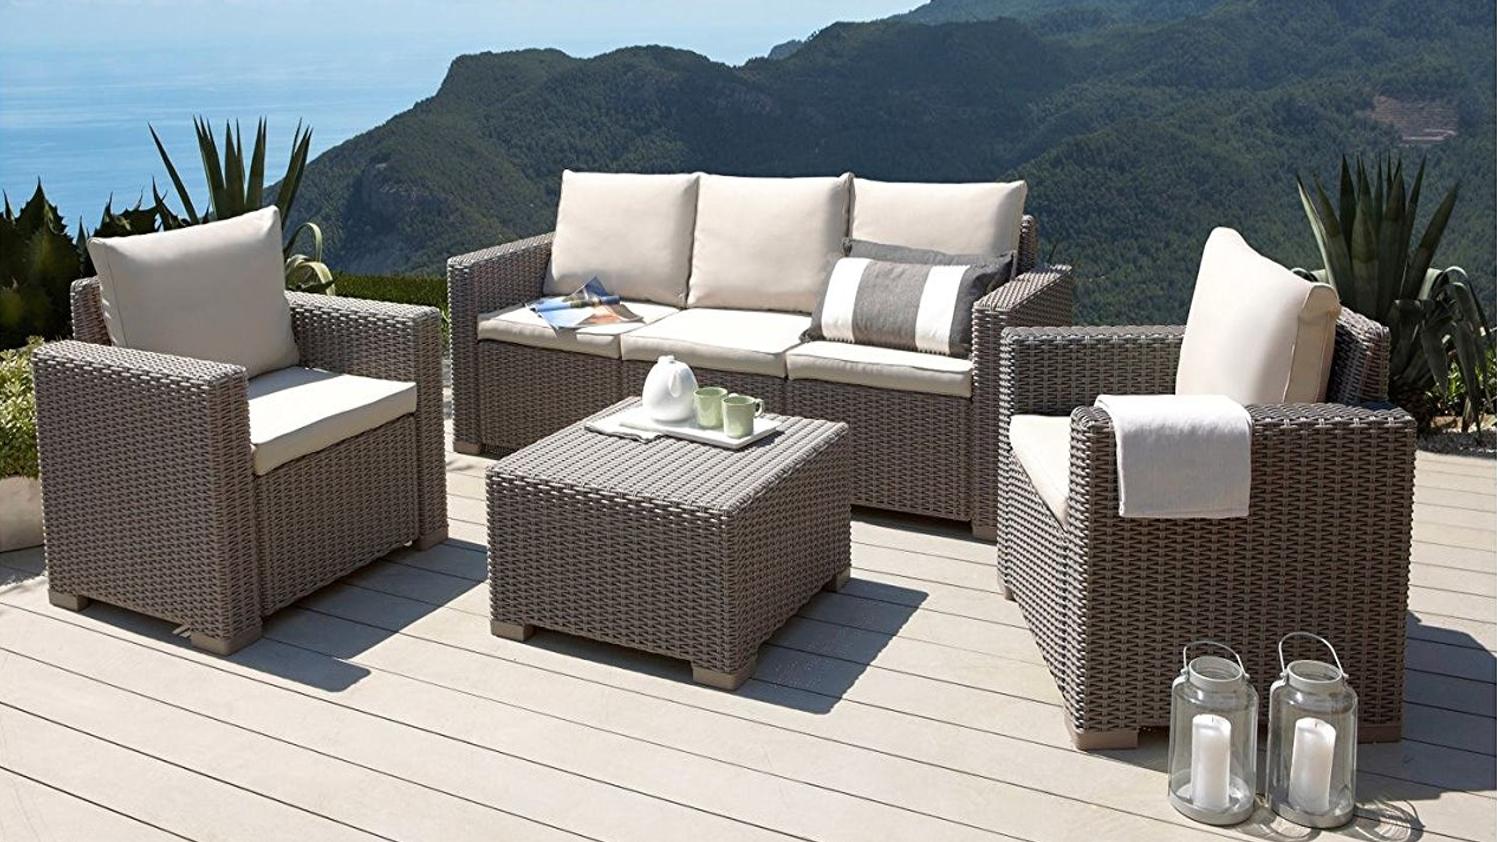 Stilvolle Garten-Lounge | DEALS und GADGETS | Pinterest ...